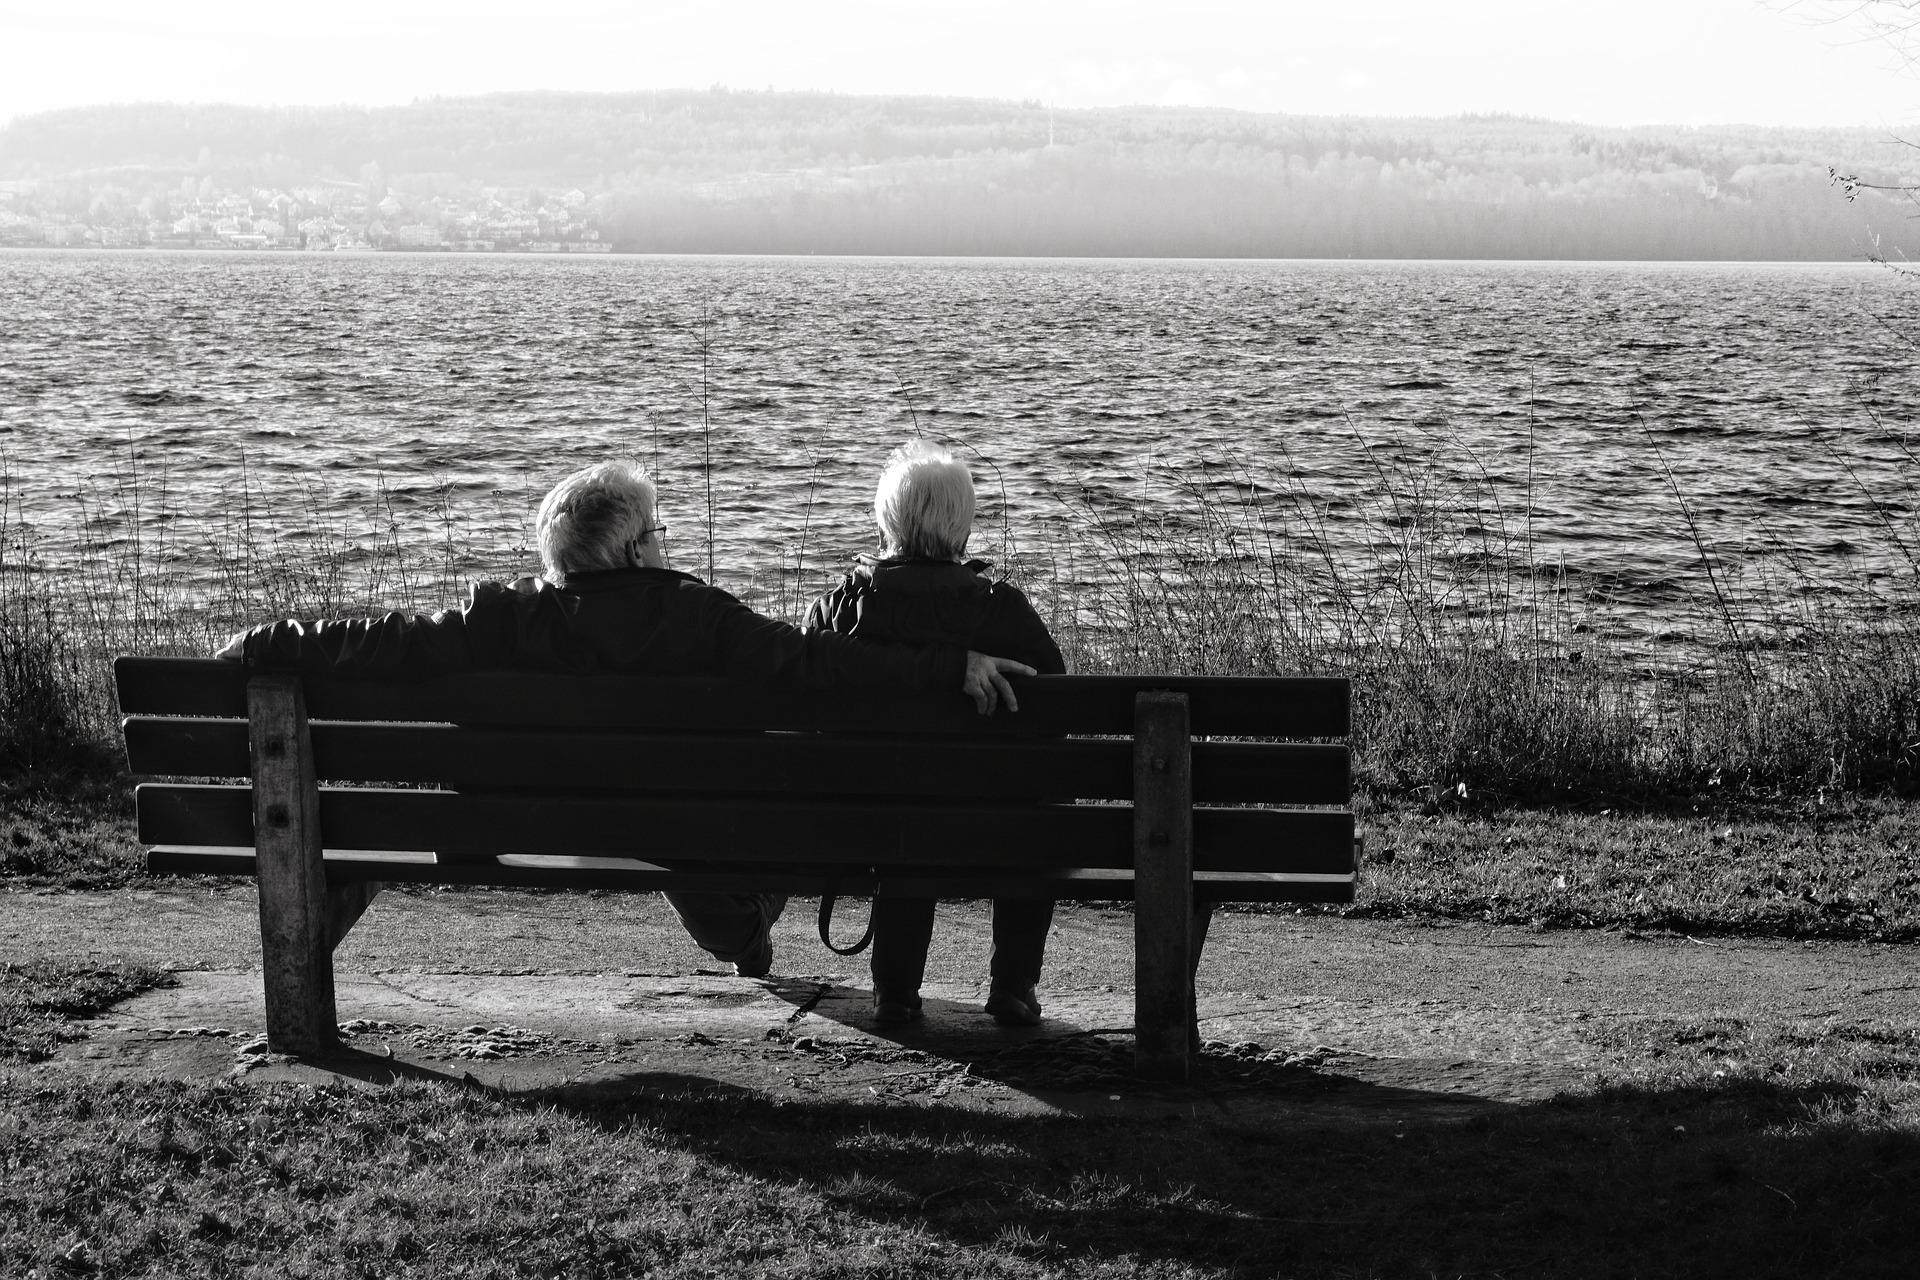 deux personnes assises sur un banc